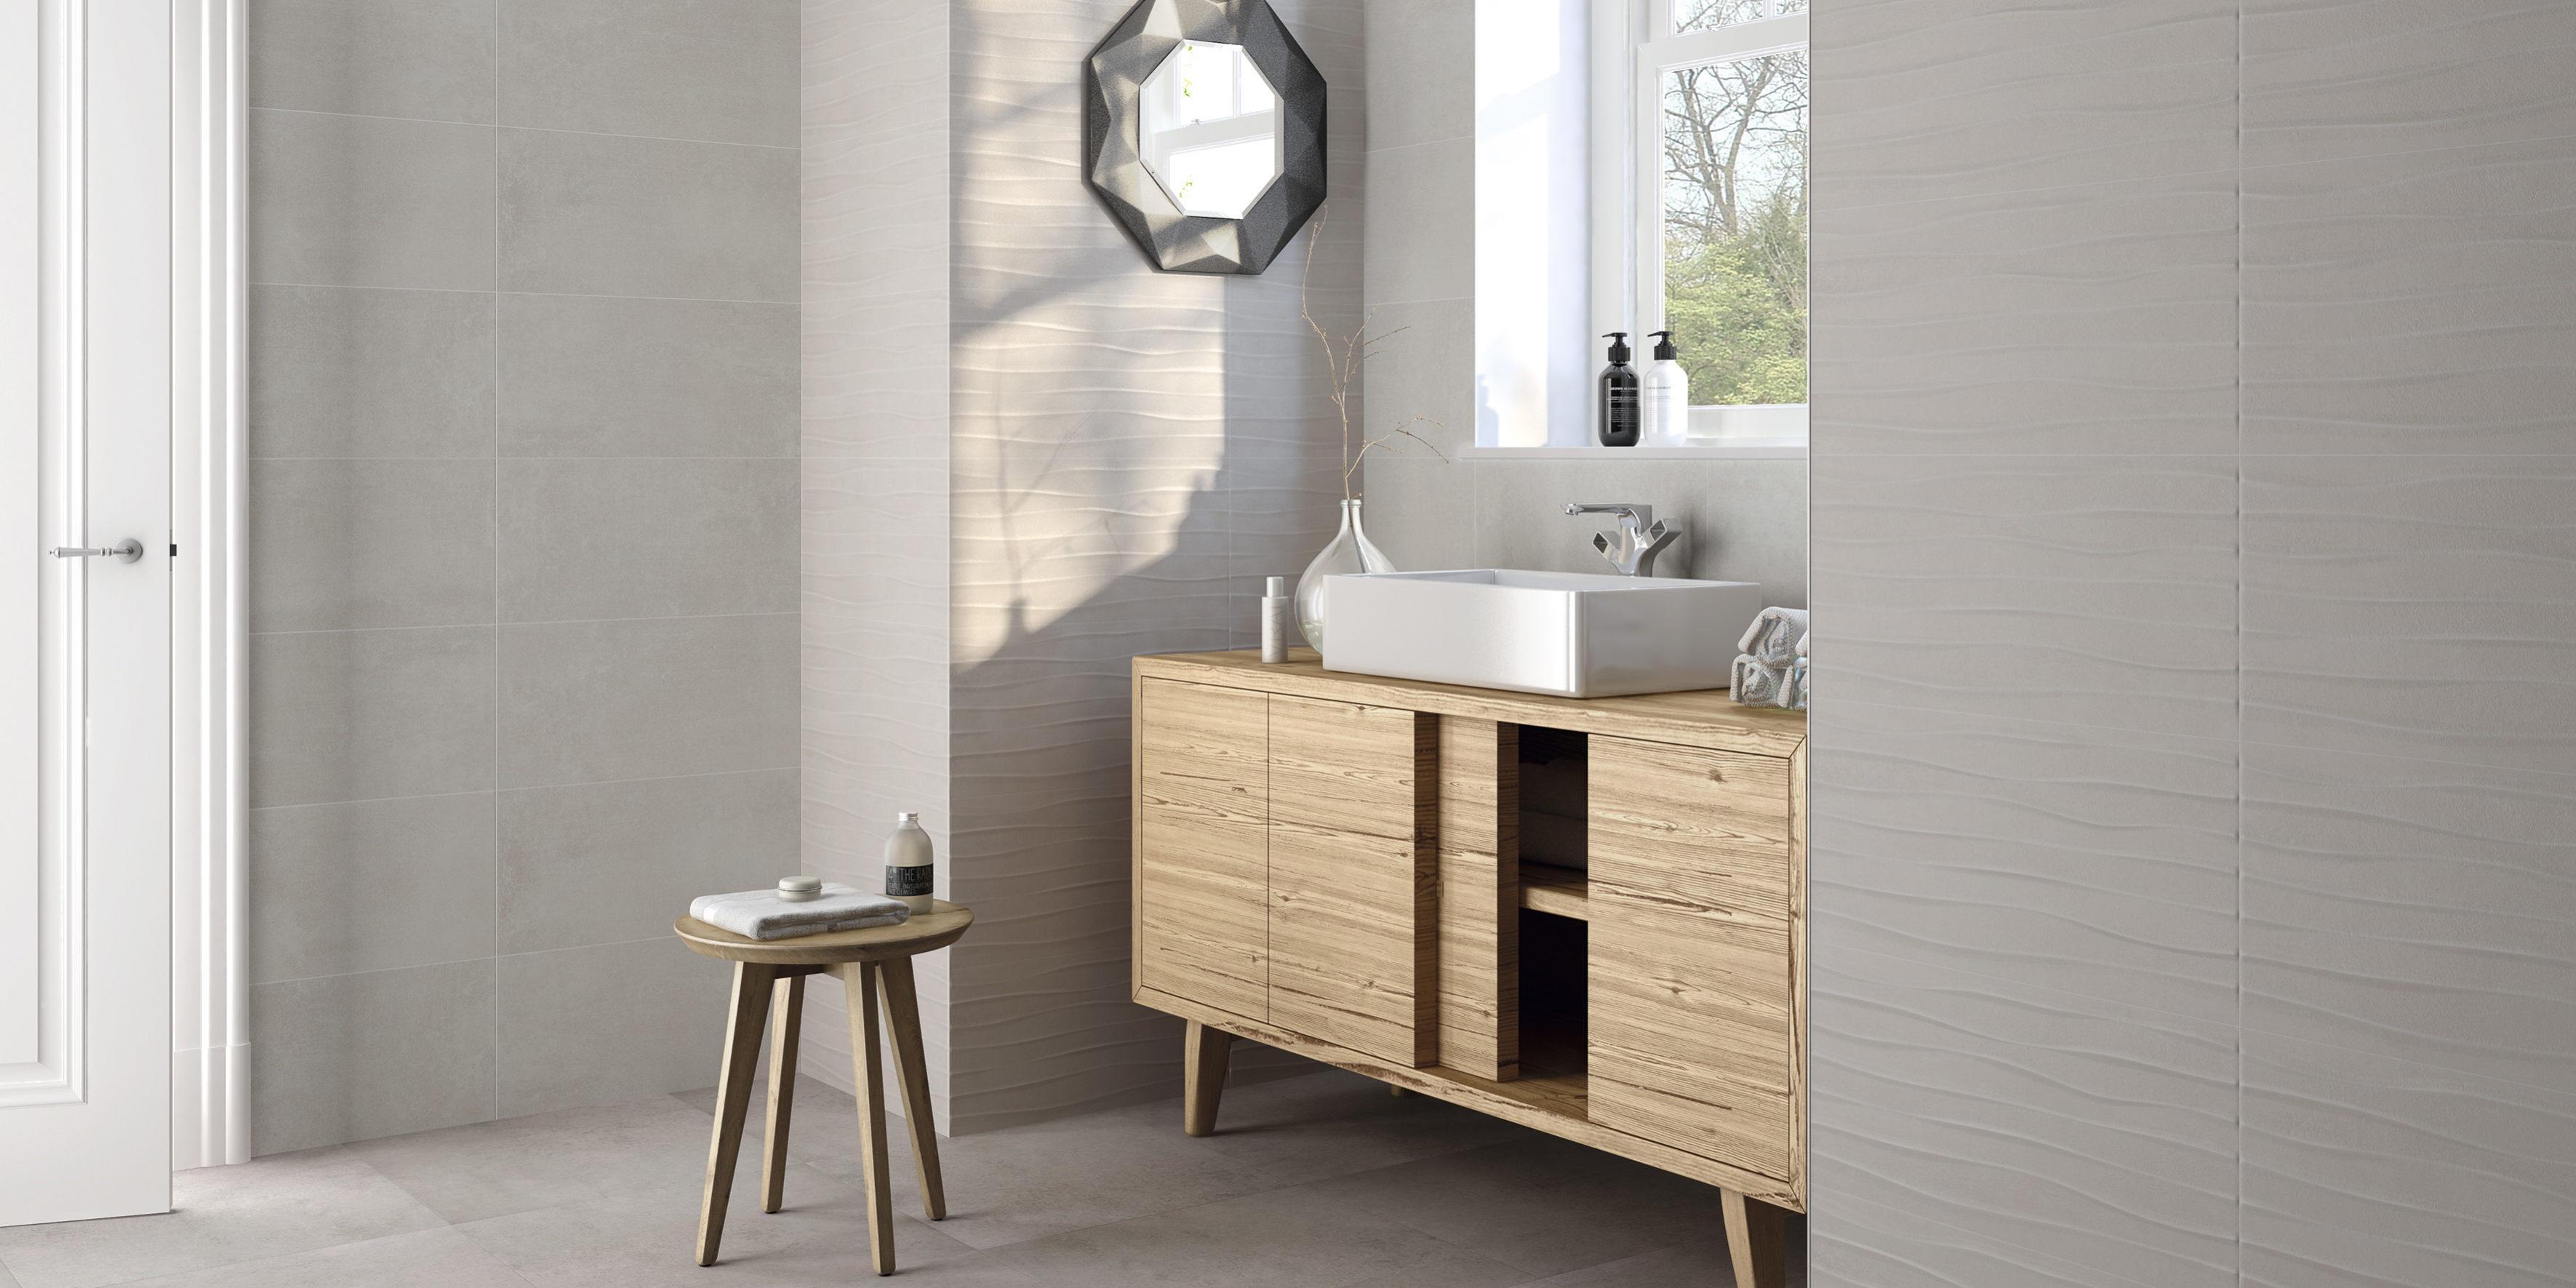 Te ayudamos a elegir los azulejos del cuarto de baño - Pepe ...